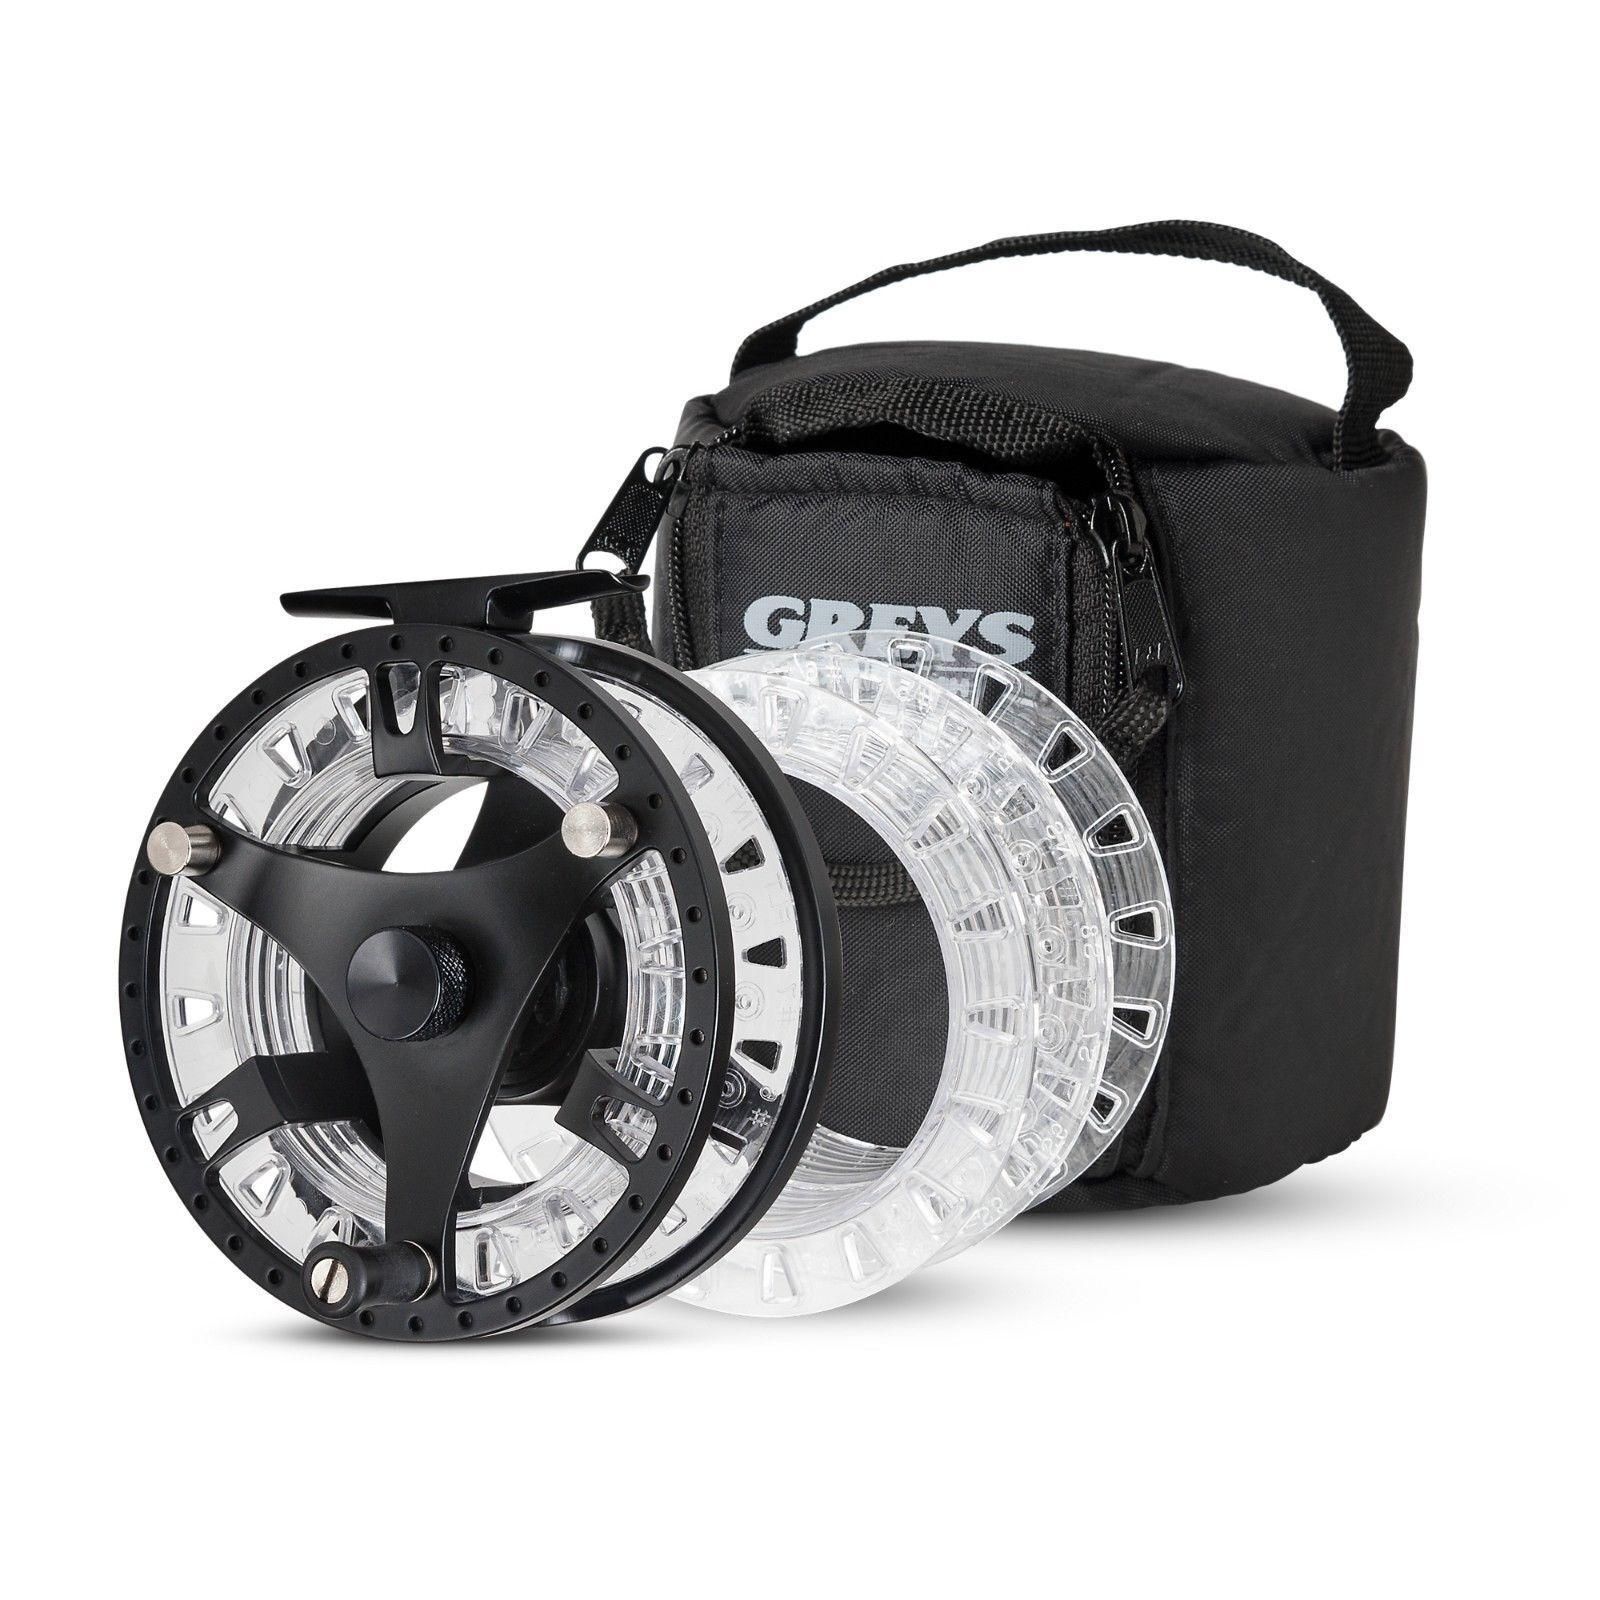 New graus GTS 500 Fliegen Fishing Reel - 3 Spools & Zipped Case